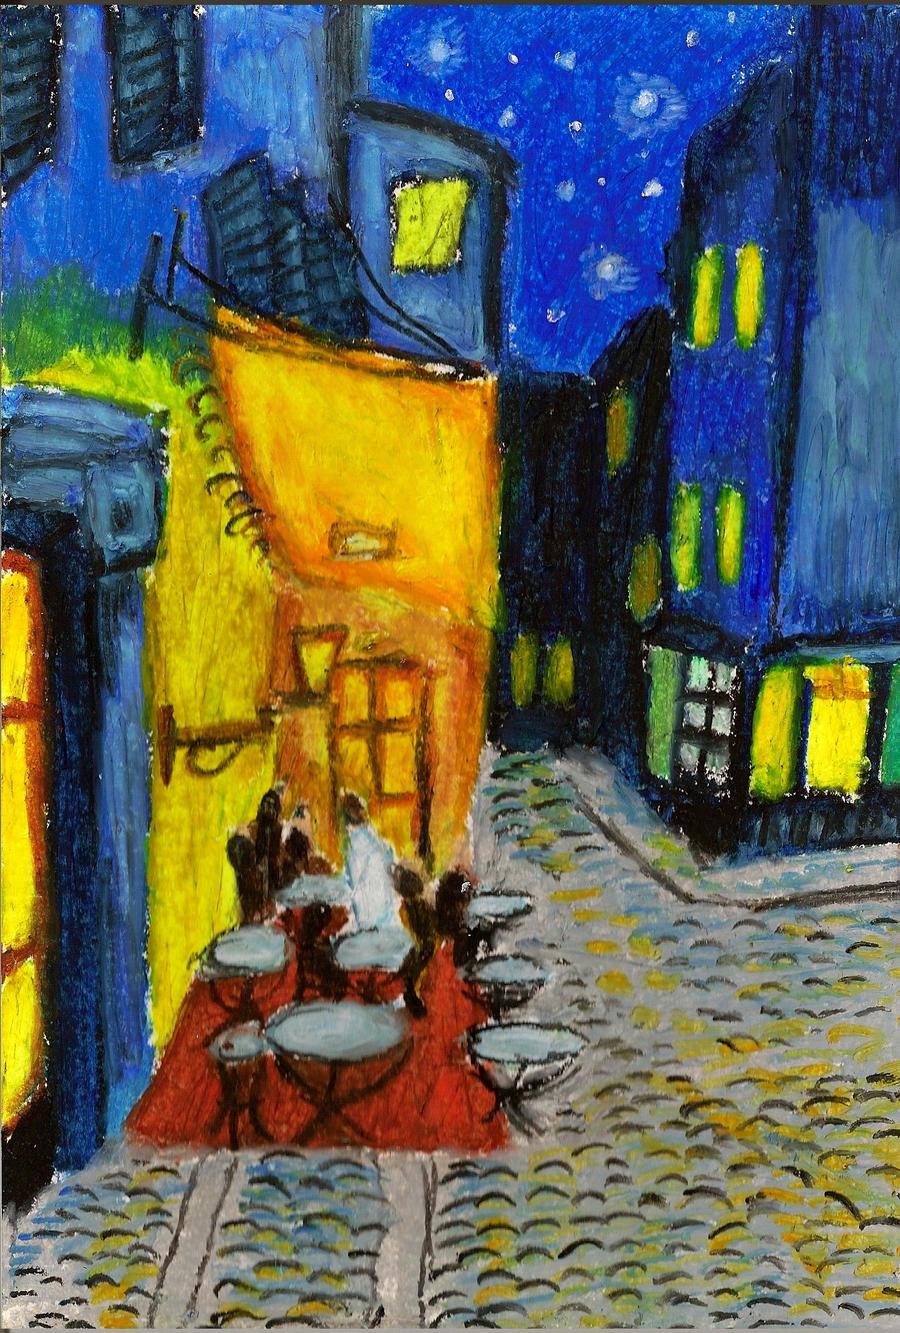 Cafe terrace at night by kupieckorzenny